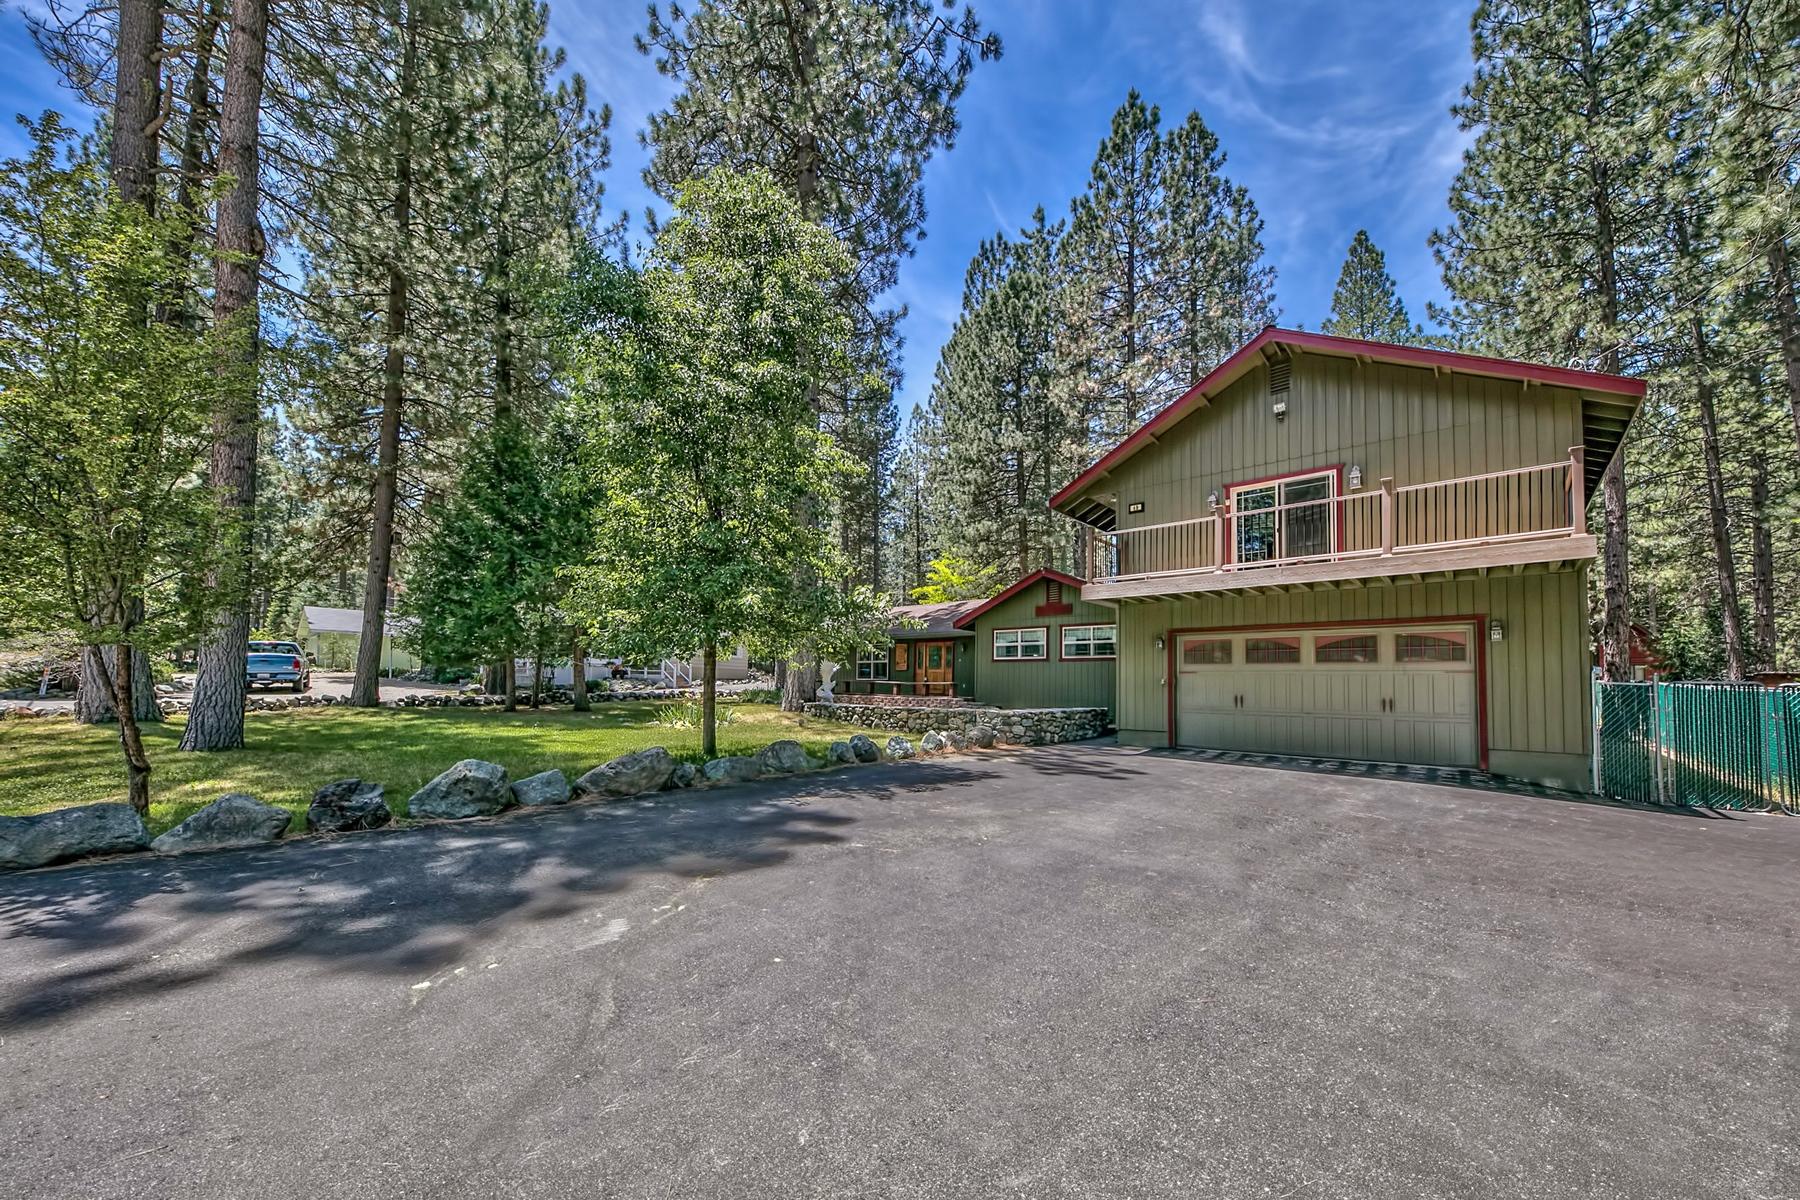 独户住宅 为 销售 在 49 Korominu Trail, Graeagle, CA 49 Korominu Trail Graeagle, 加利福尼亚州 96103 美国